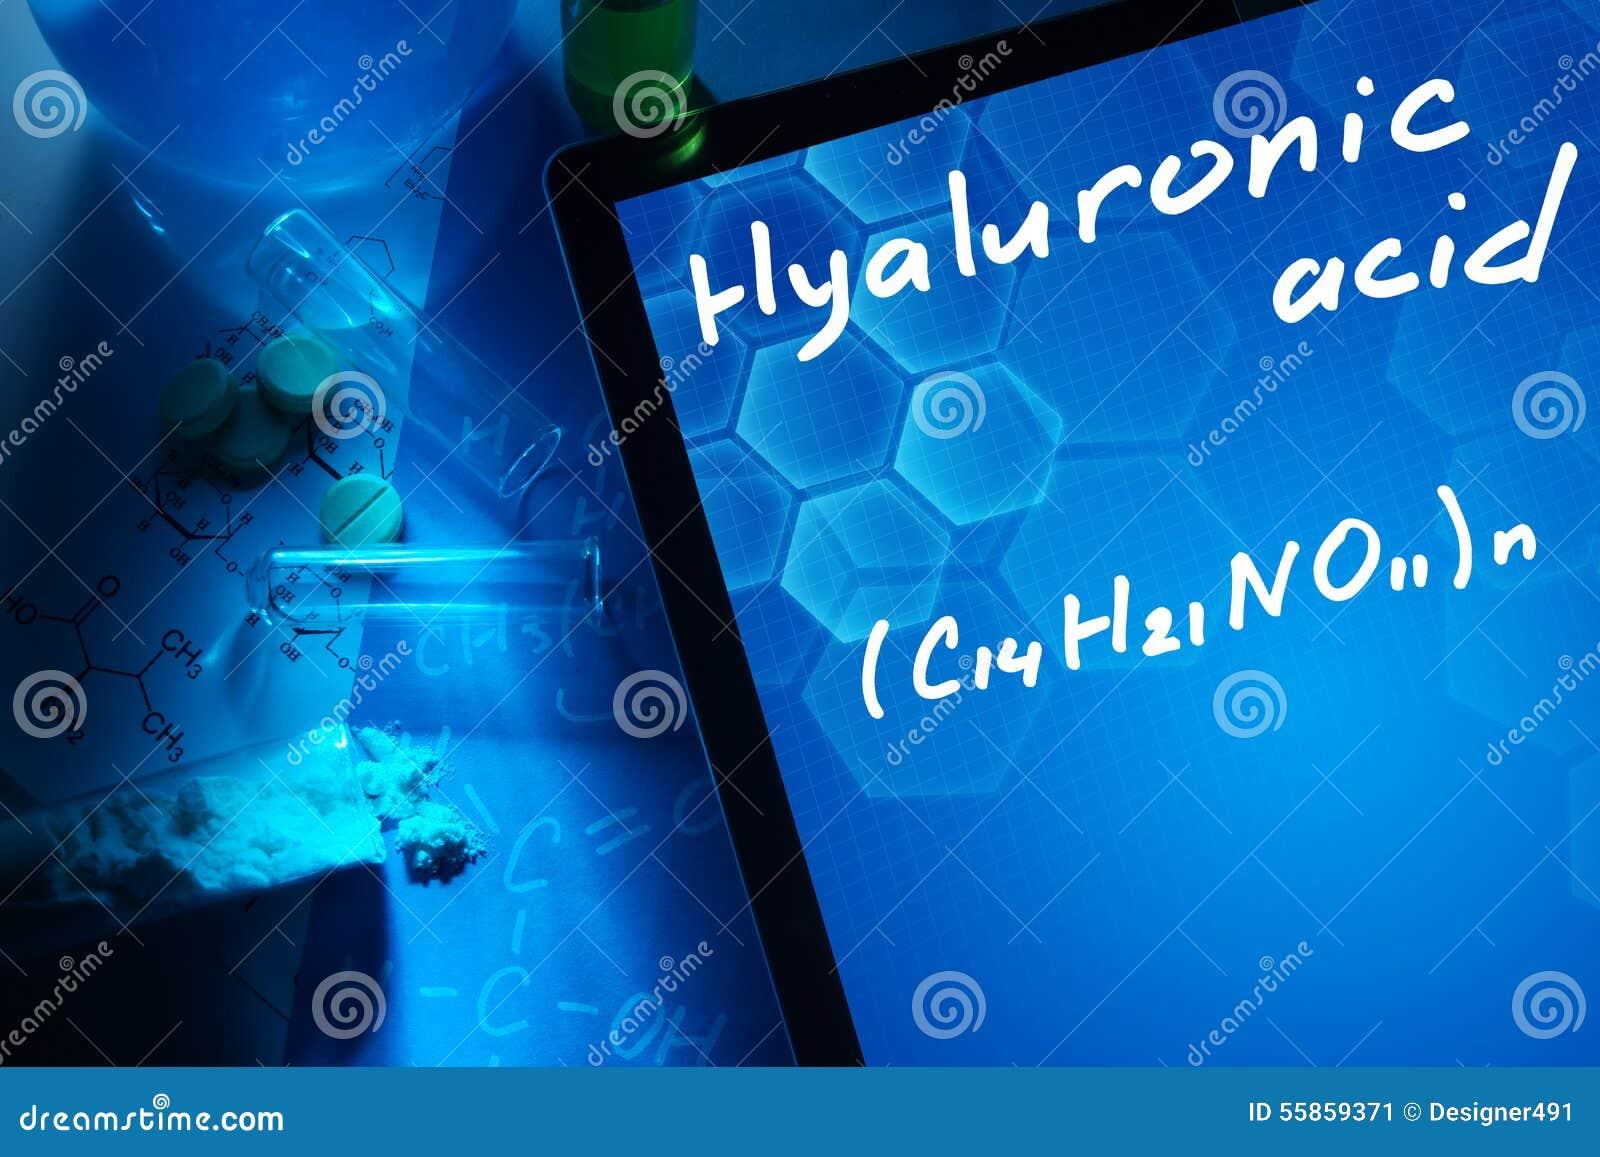 Ταμπλέτα με το χημικό τύπο του hyaluronic οξέος